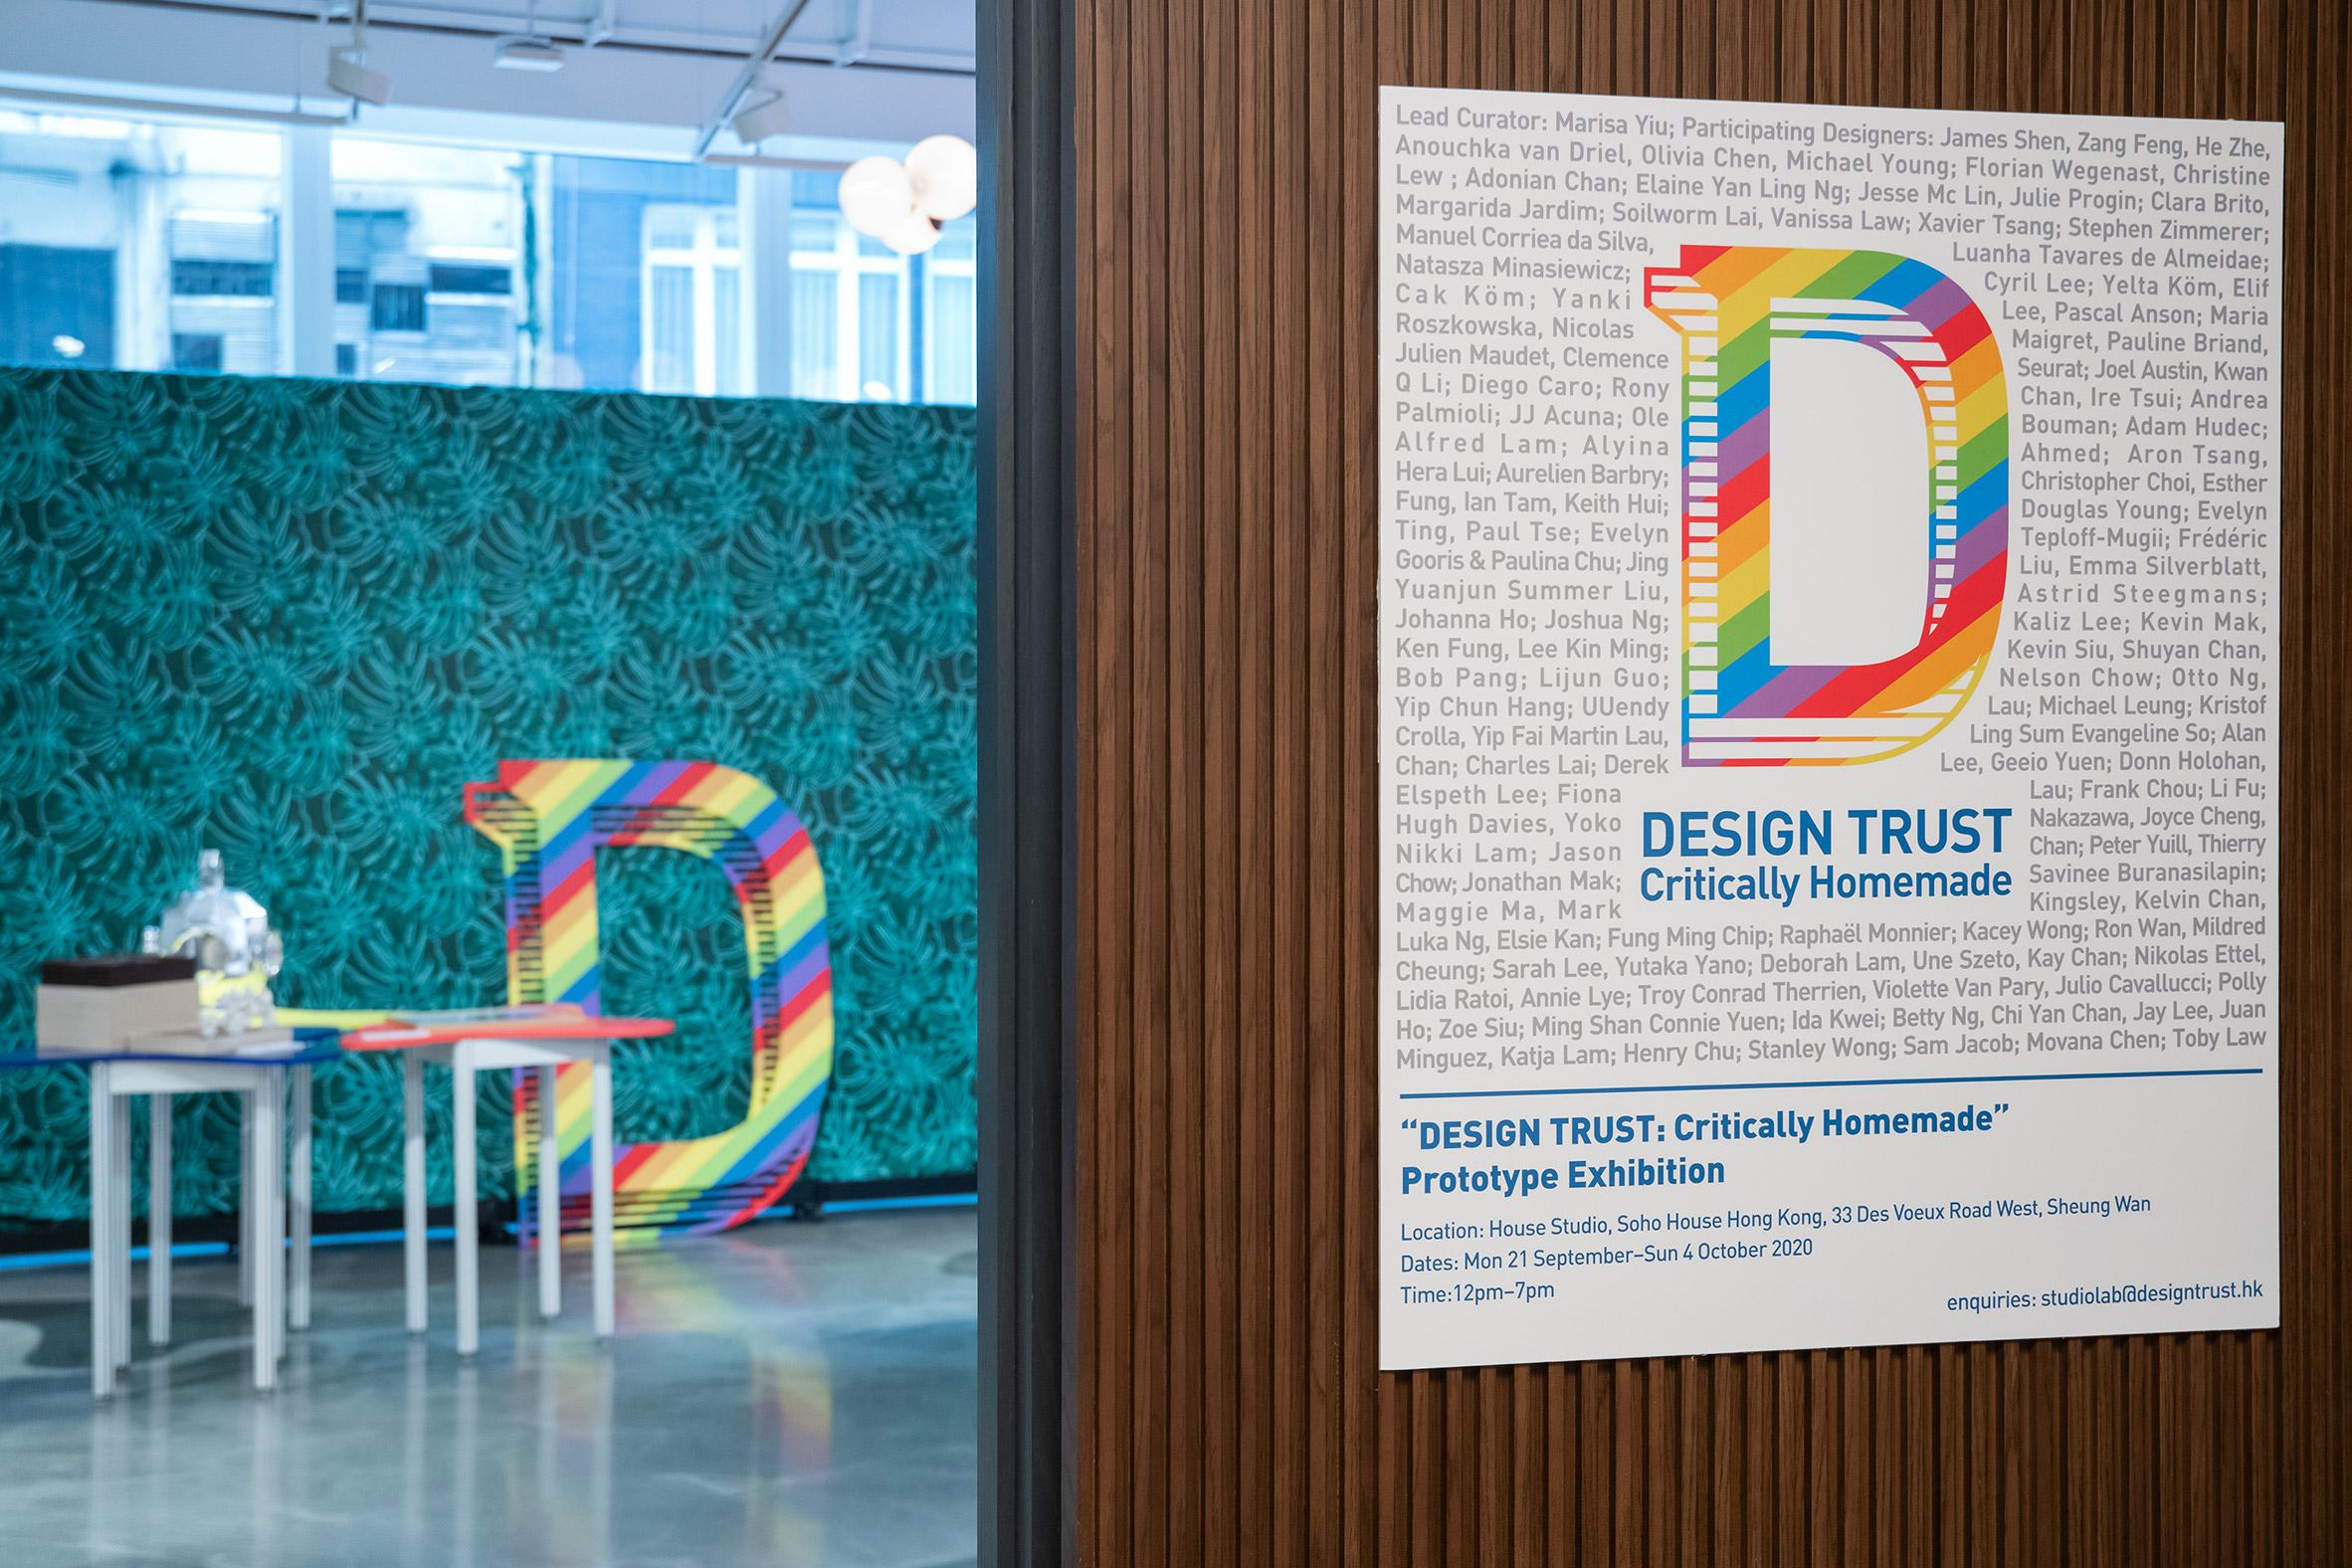 Design Trust: Critically Homemade exhibition at Soho House Hong Kong